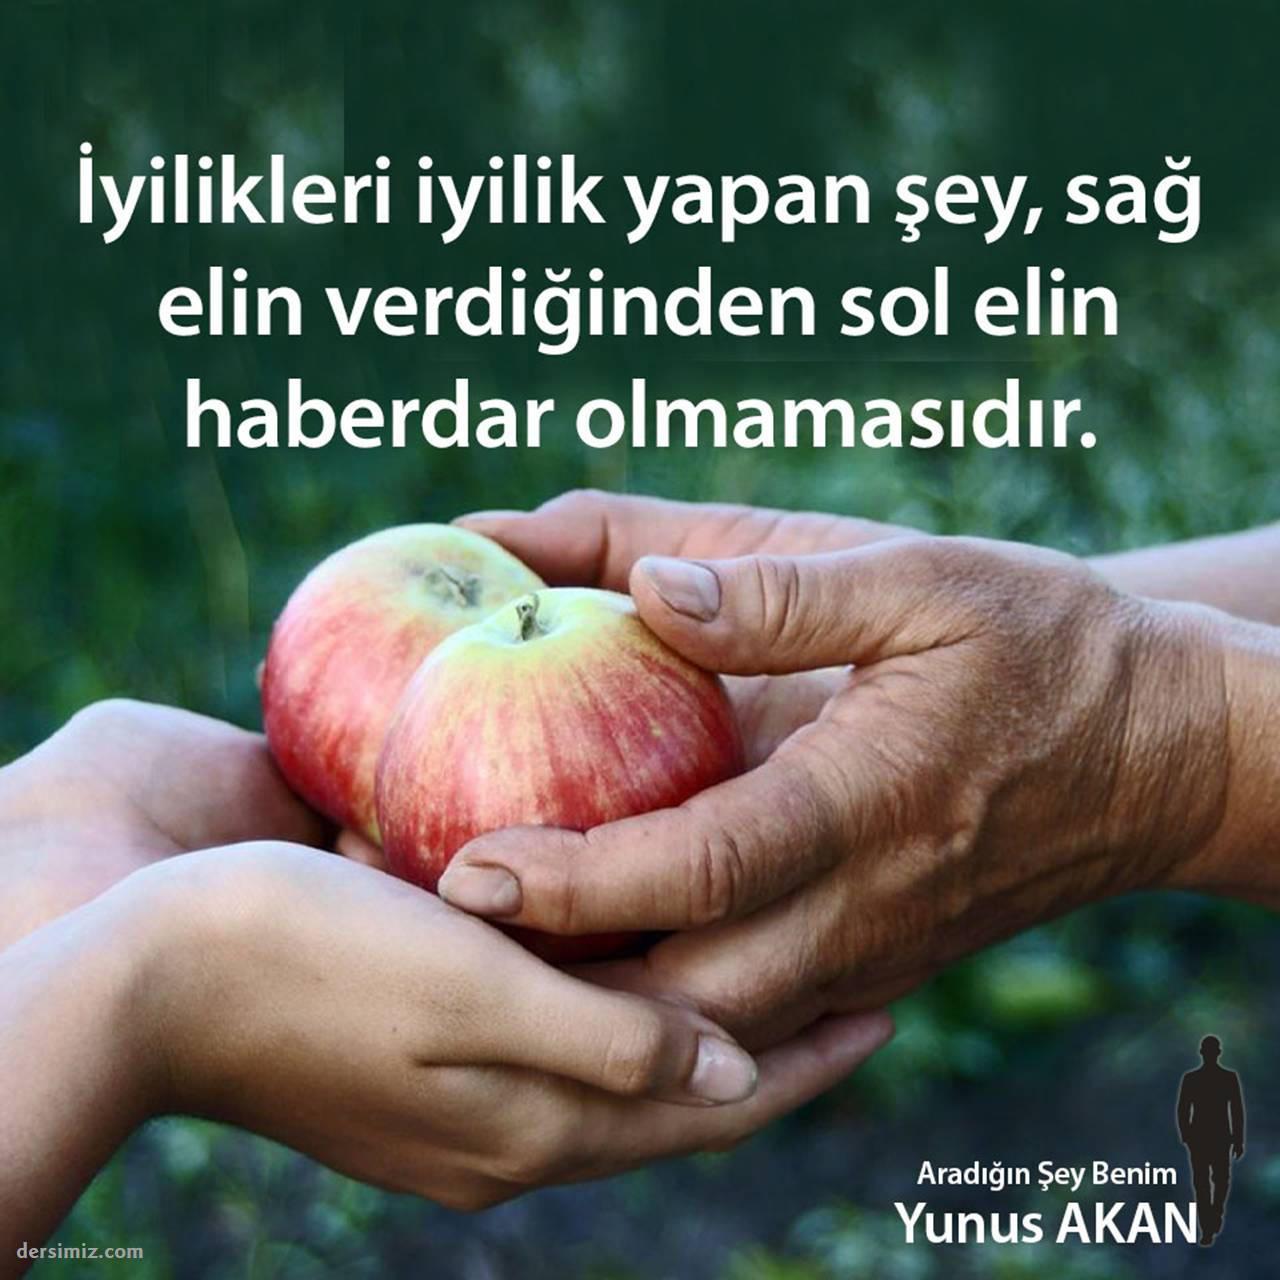 iyilikleri iyilik yapan şey sağ elin verdiğinden sol elin haberdar olmamasıdır. İyilik İle İlgili Resimli Sözler İyilik Sözleri - Resimli İyilik Sözleri - En Yeni İyilik İle İlgili Sözler, resimli-sozler